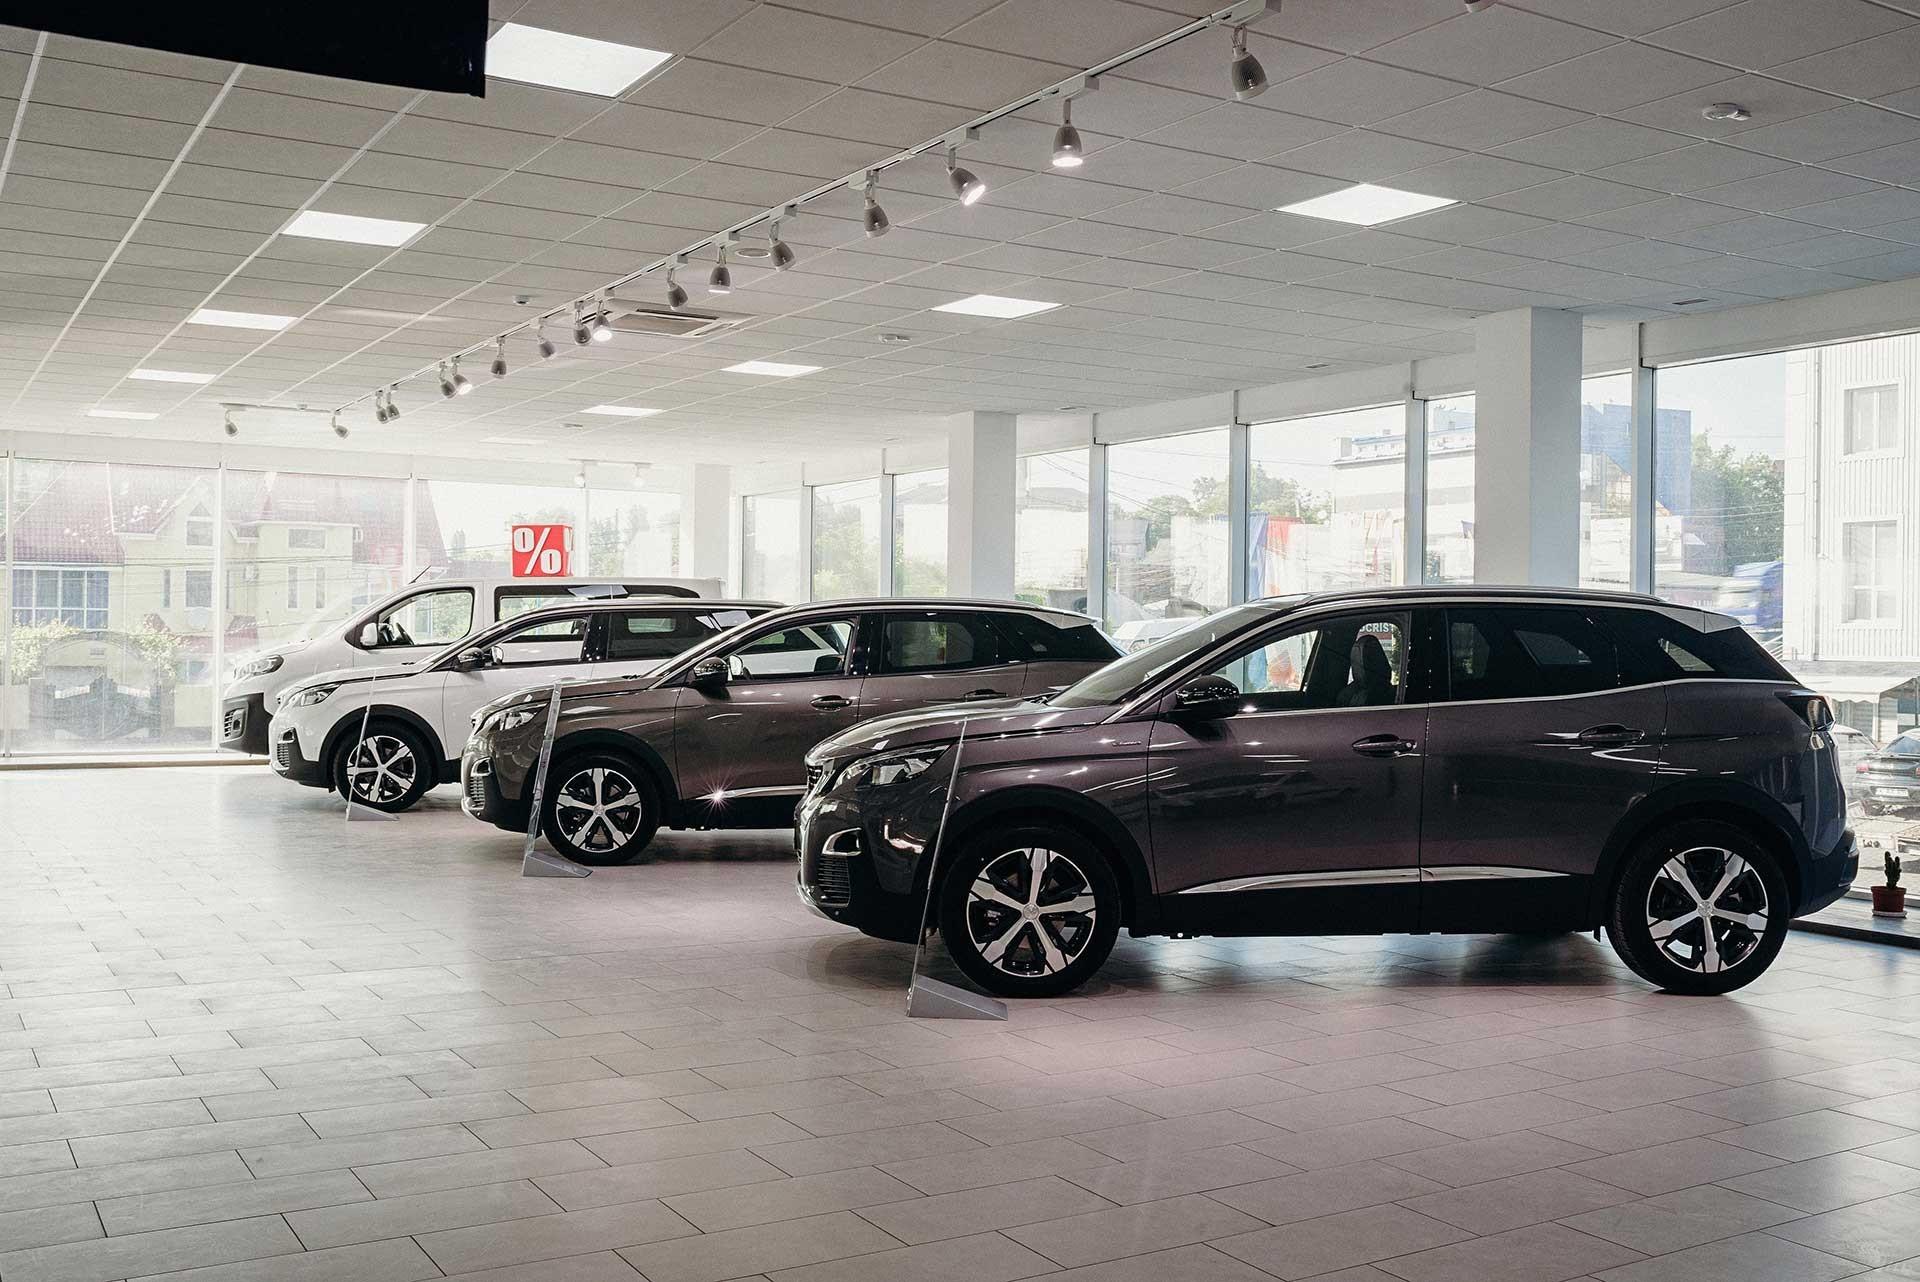 Vânzările de autovehicule s-au majorat în prima parte a anului cu aproape un sfert